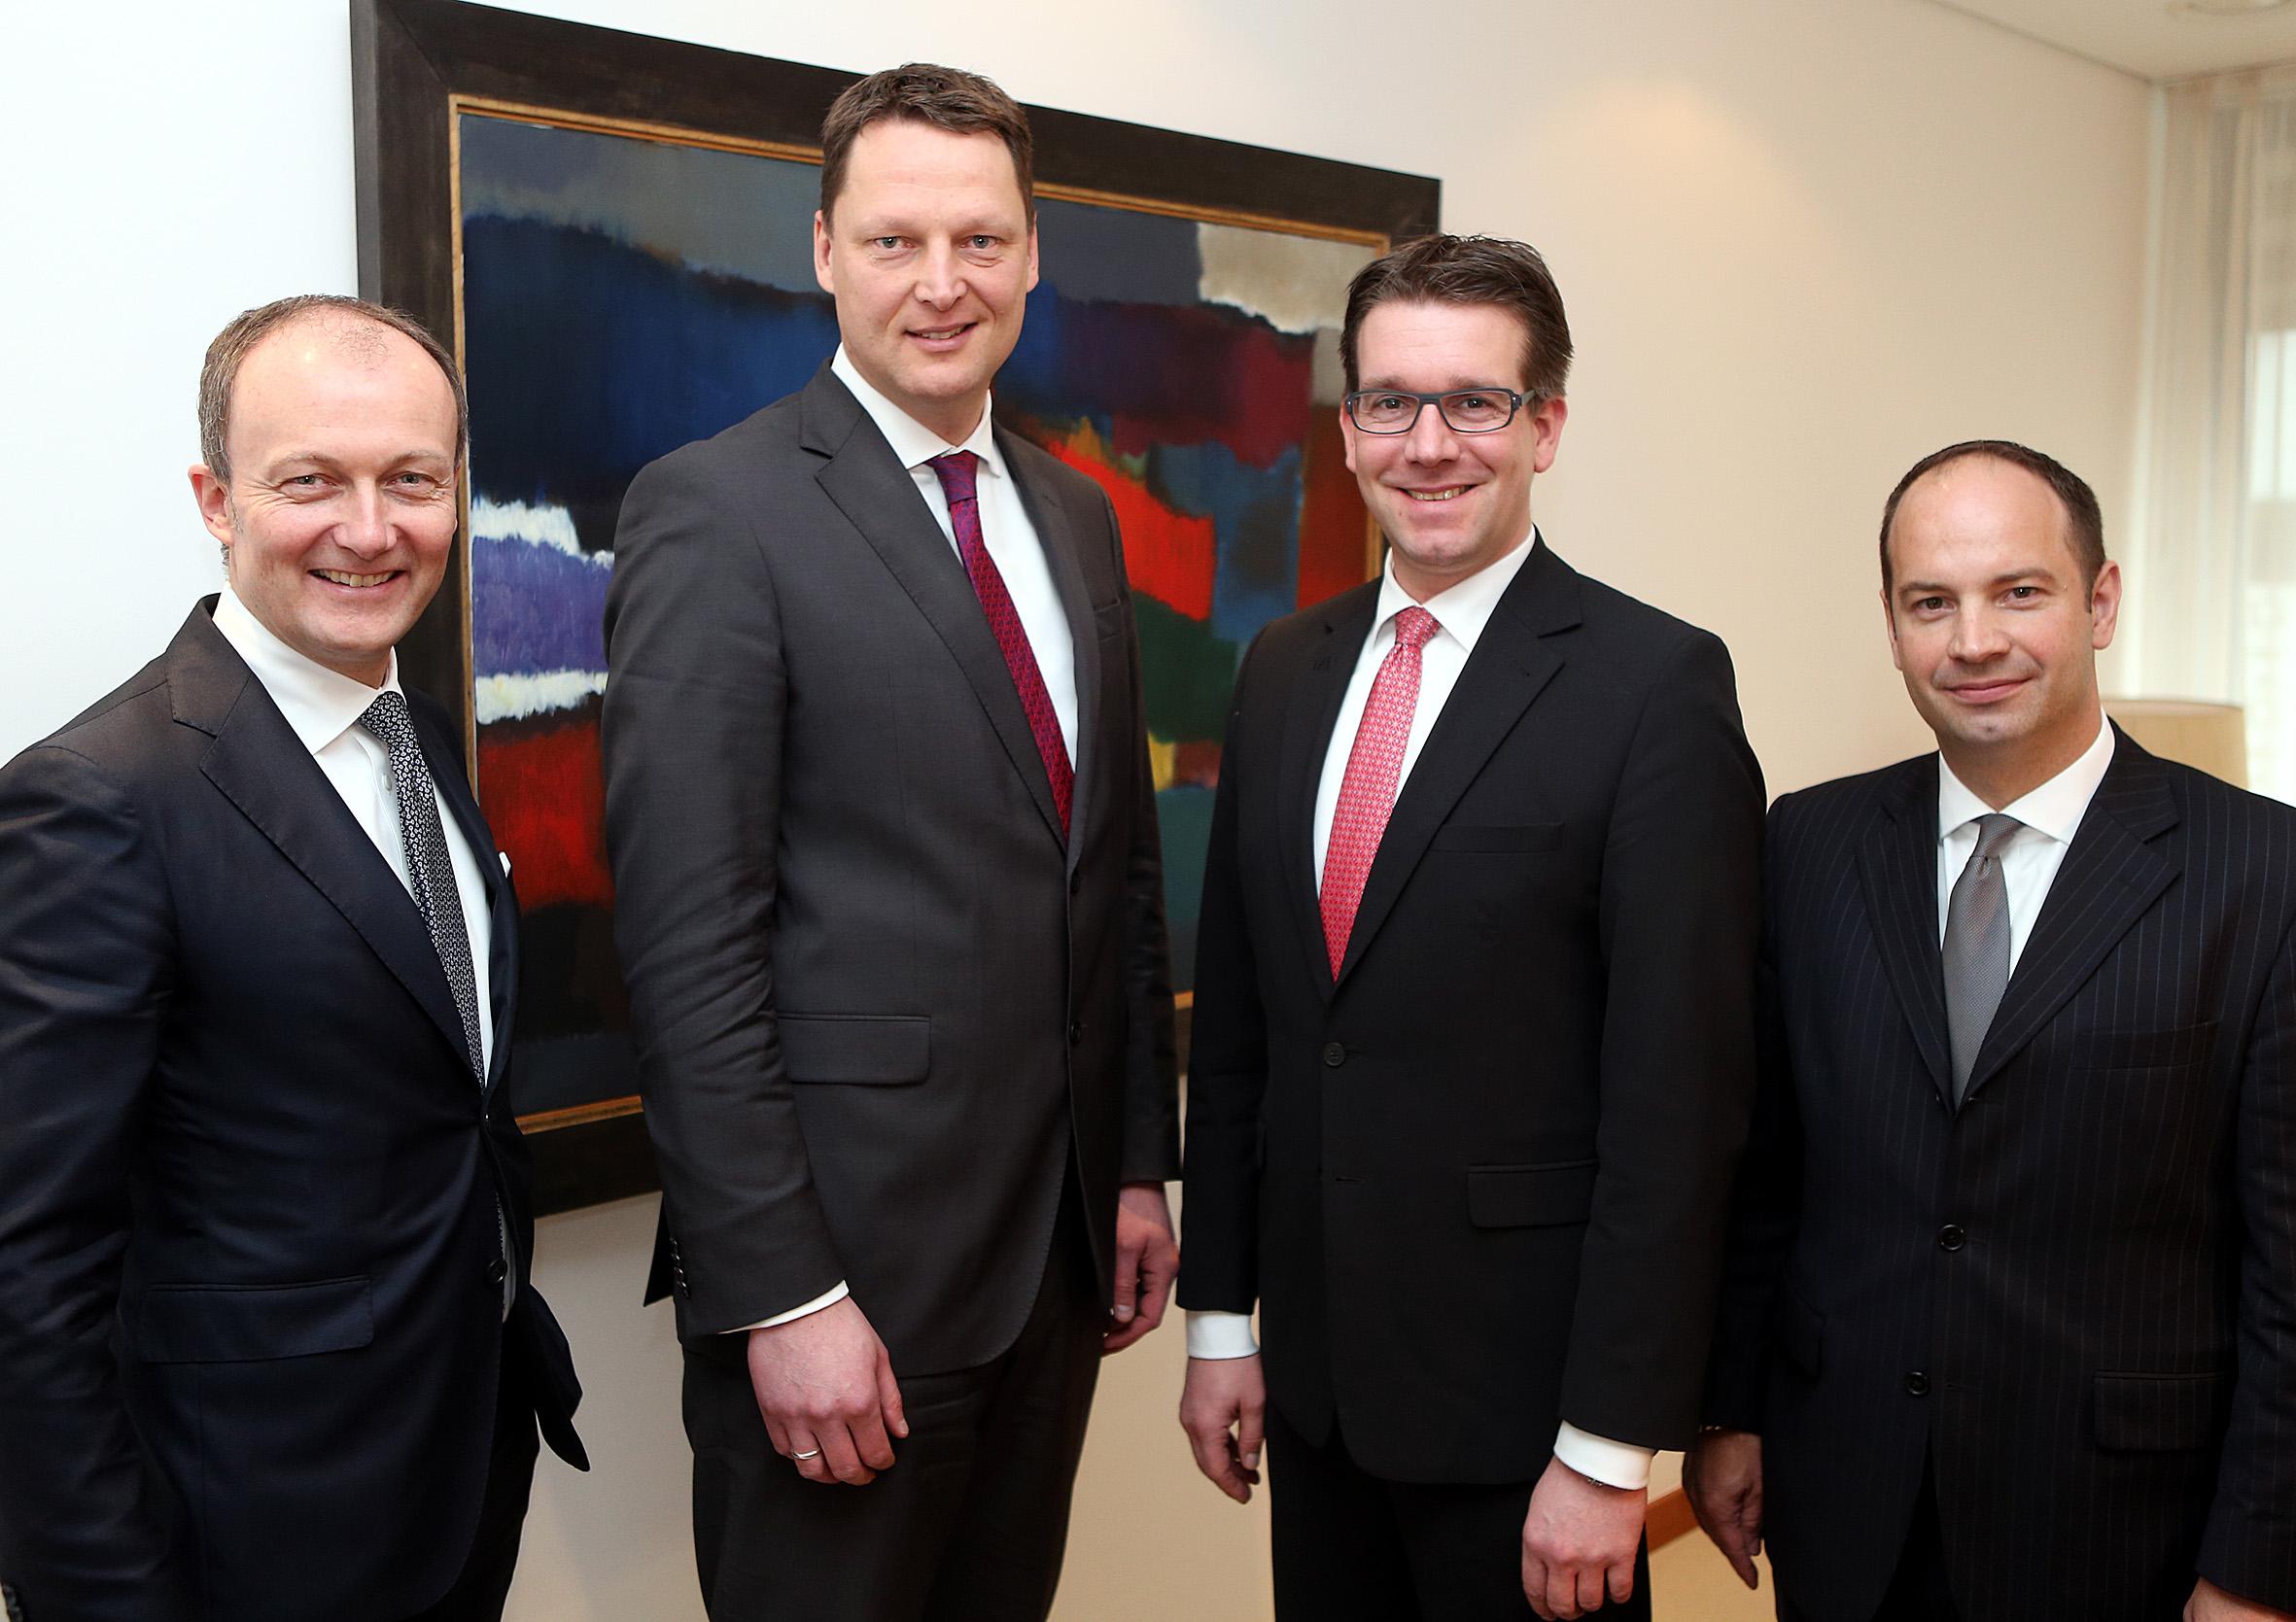 v.l.: Alexander Hakenholt, Uwe Hadeler, Alf Meyer zur Heyde, Matthias Scheffner